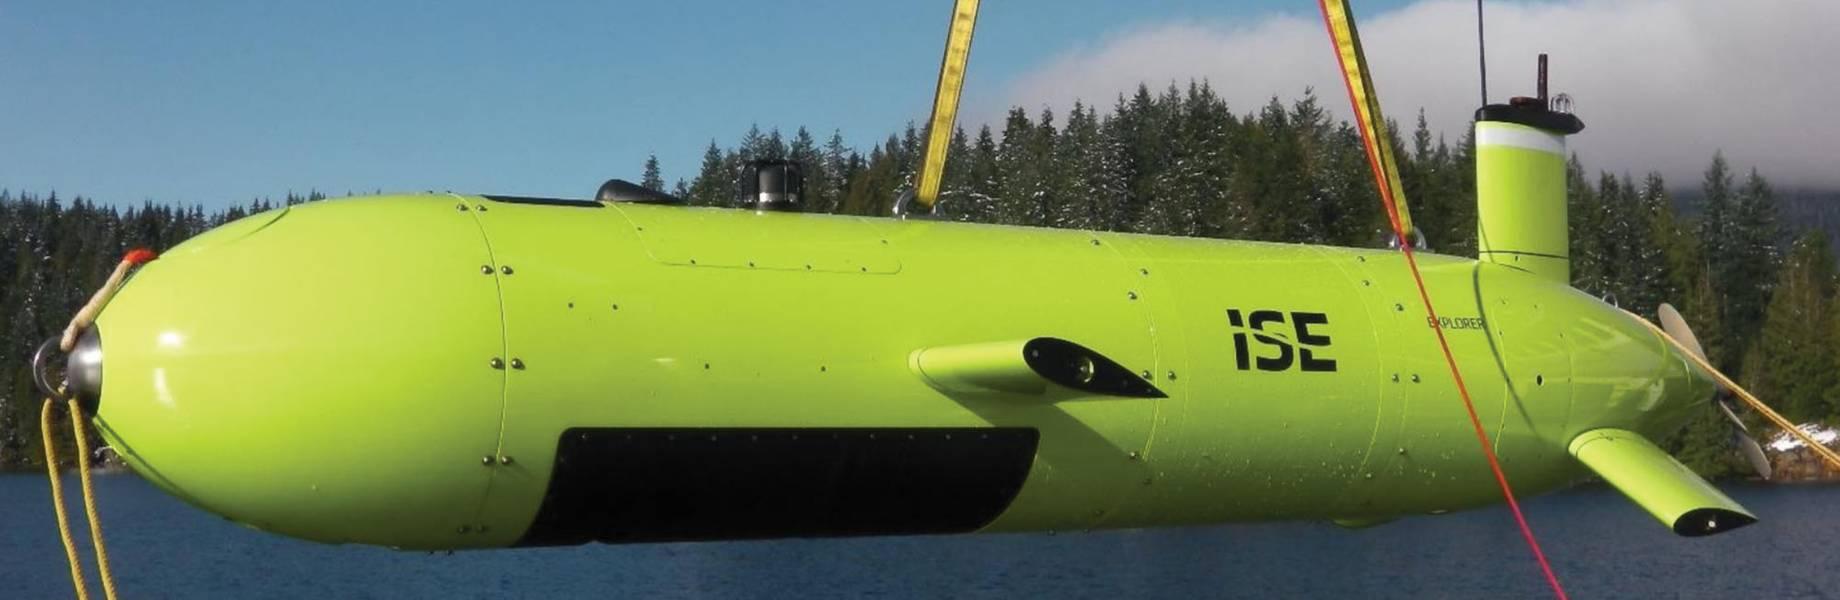 पेलोड-लचीला: ISE एक्सप्लोरर 6000 वर्ग और ISE 3000 R & D AUVs। फोटो साभार: इंटरनेशनल सबमरीन इंजीनियरिंग